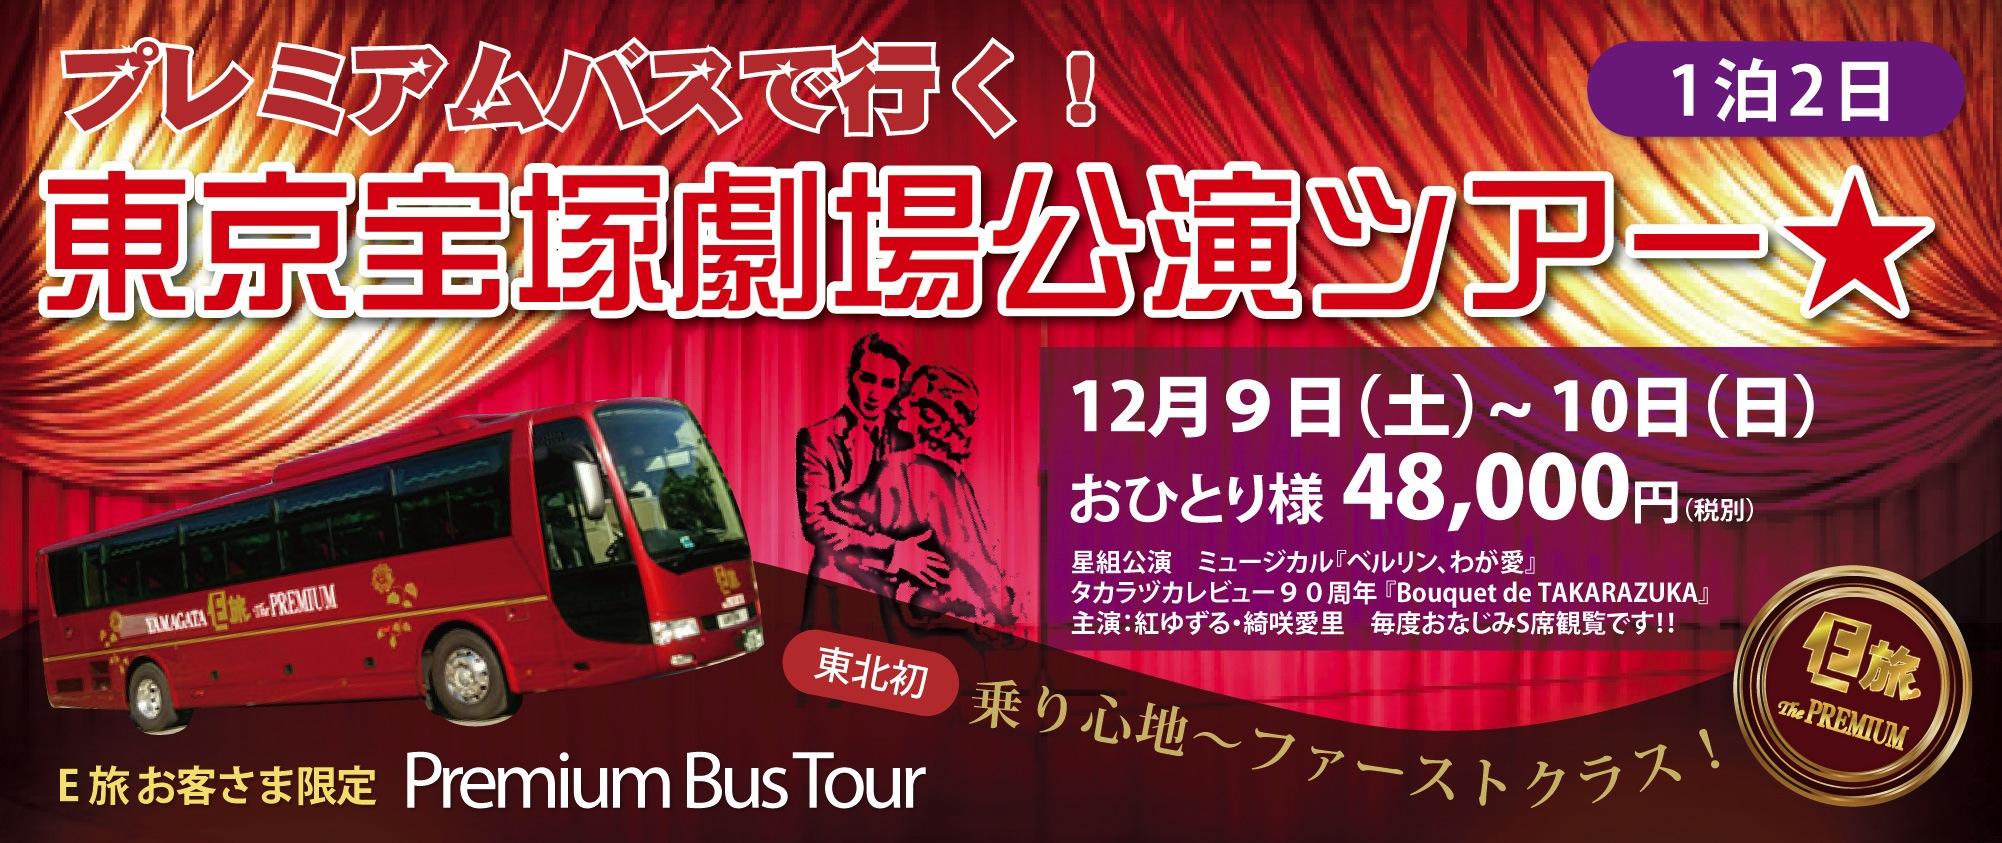 プレミアムバスで行く!東京宝塚劇場公演ツアー★12月9日(土)〜10日(日) 1泊2日